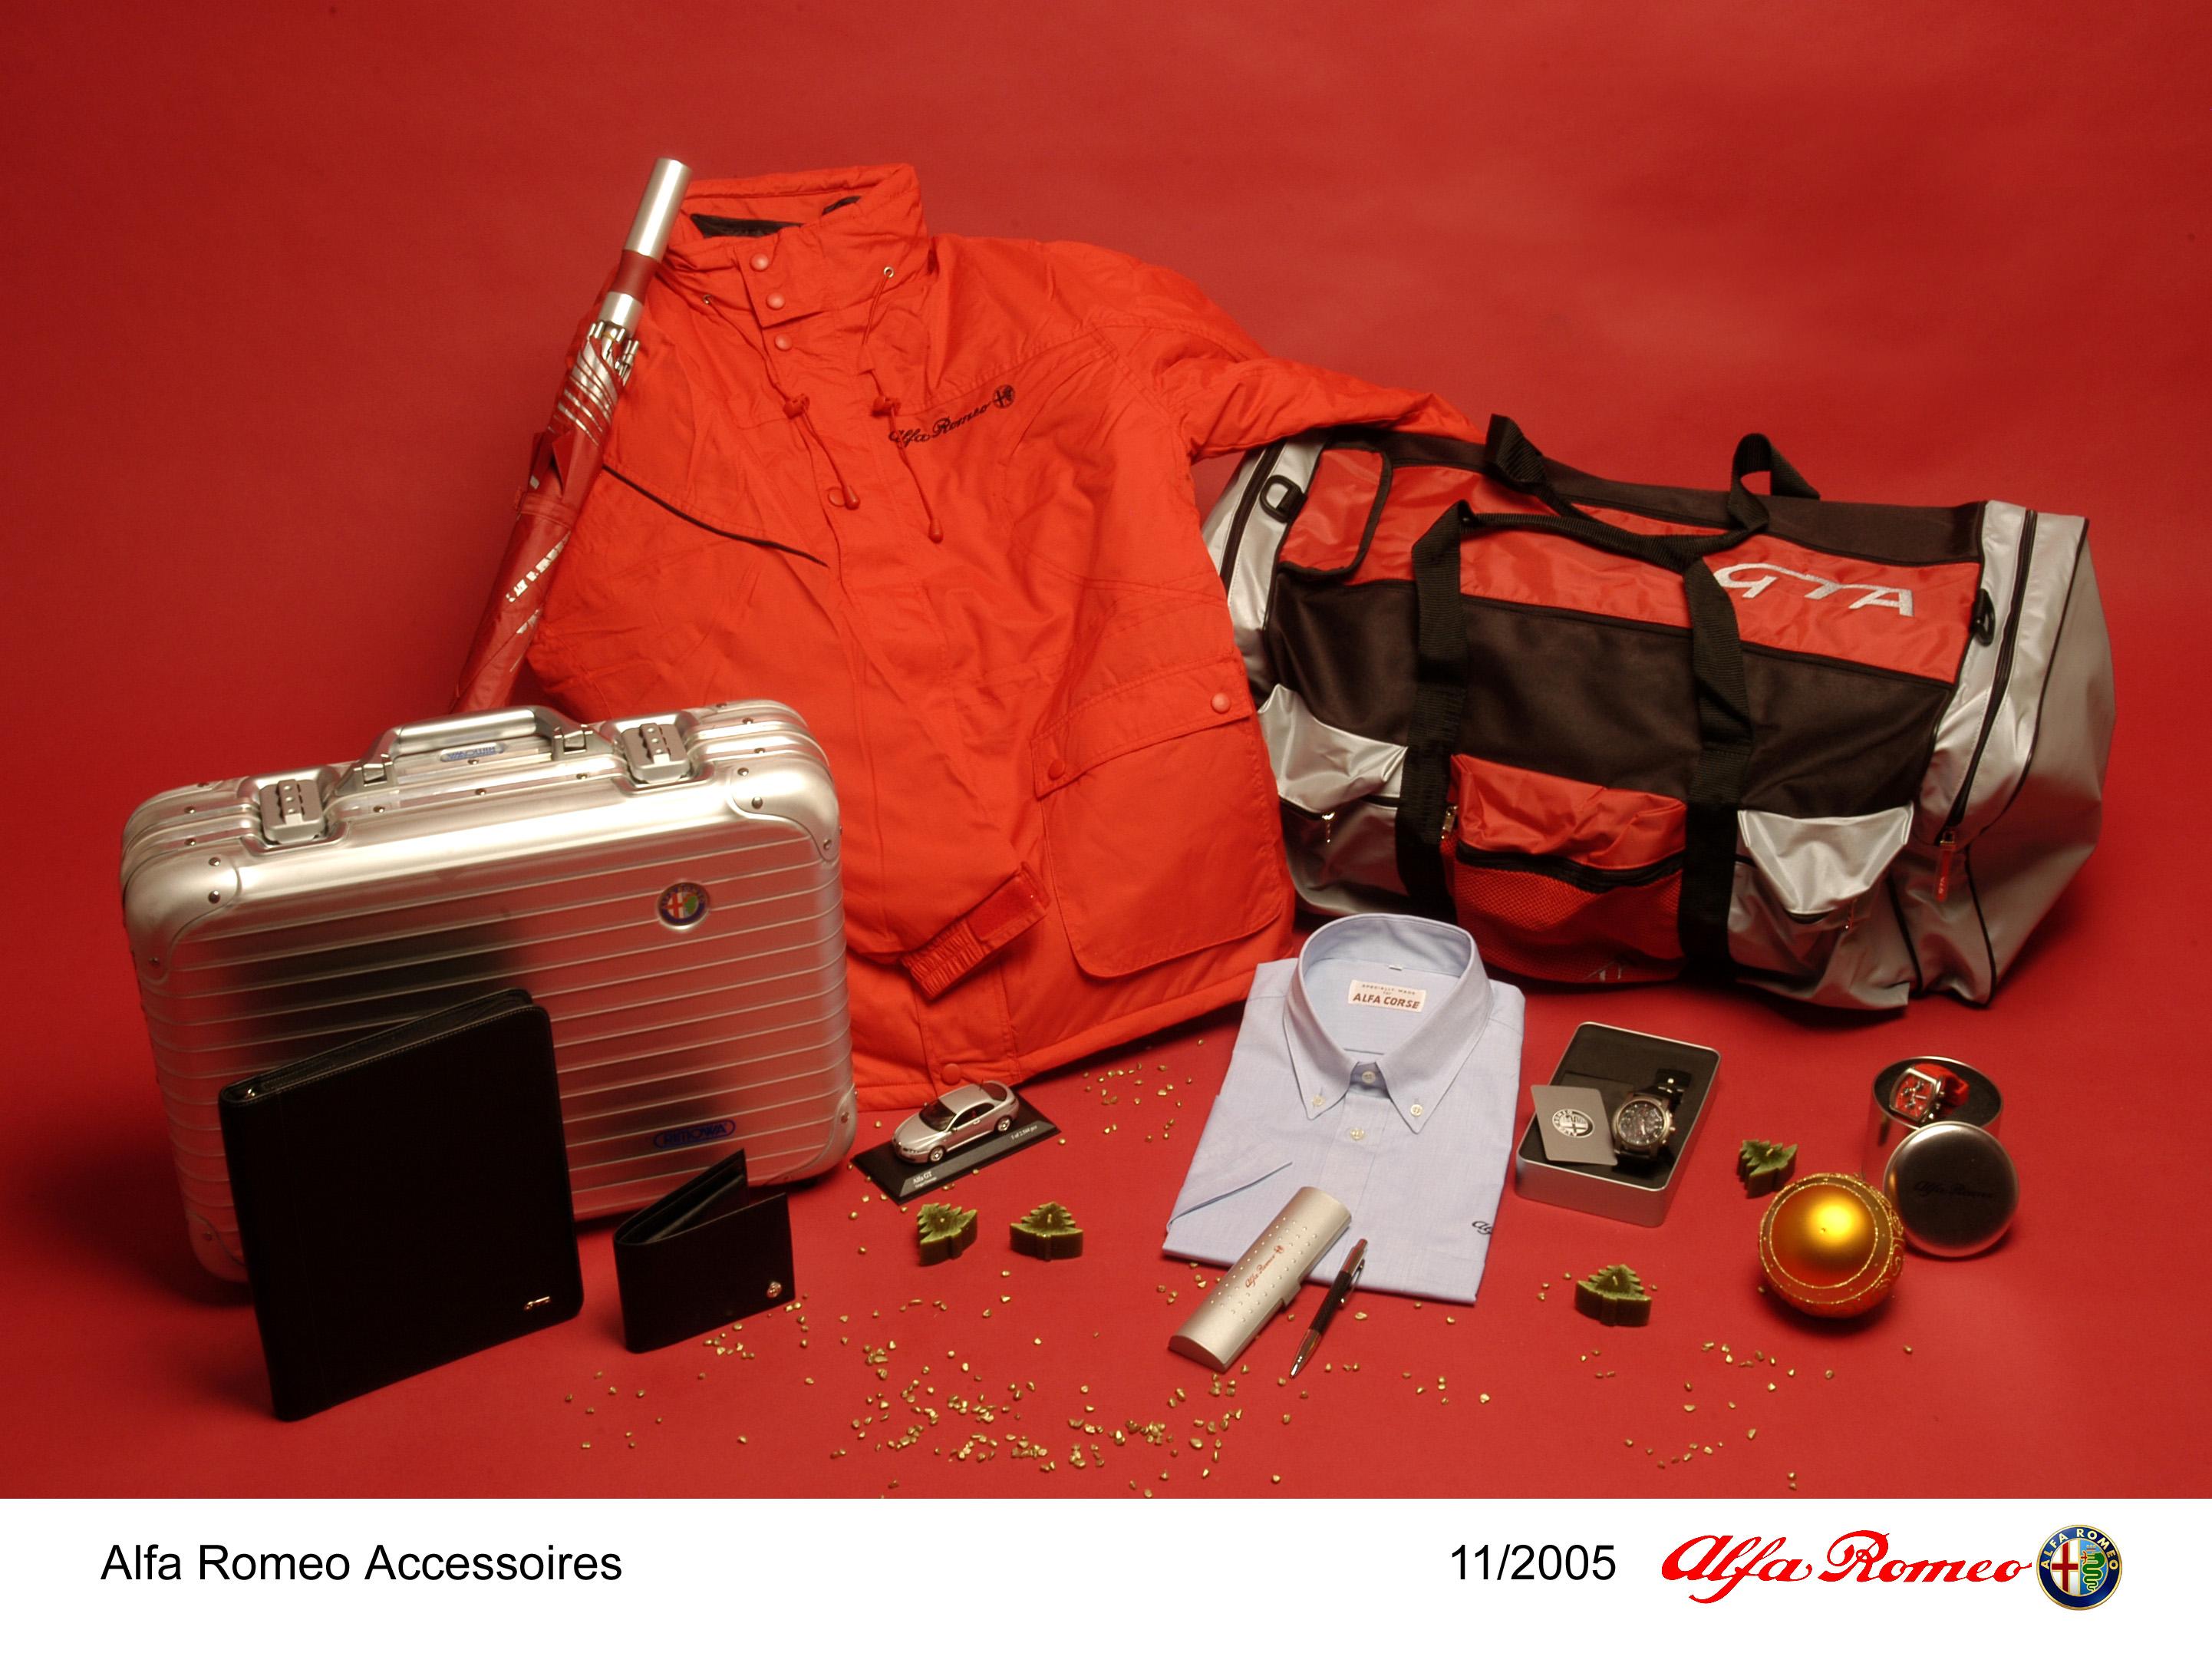 weihnachten 2005 kann kommen - die neuen alfa romeo accessoires sind